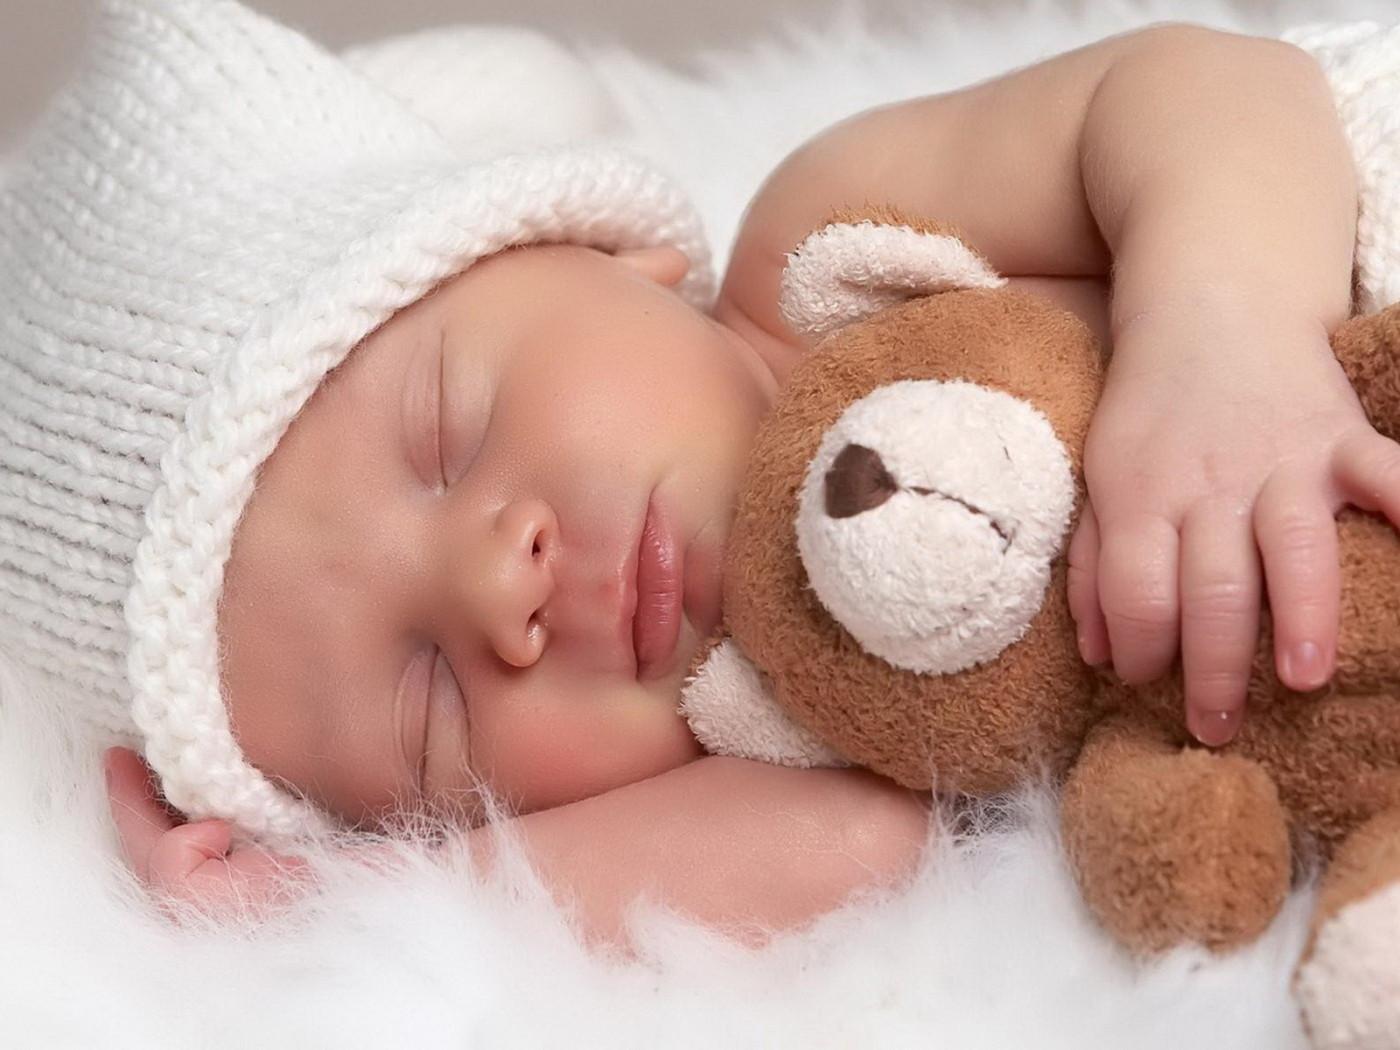 A Melhor Maneira De Terminar O Dia: 5 Coisas Para Fazer Antes De Ir Dormir